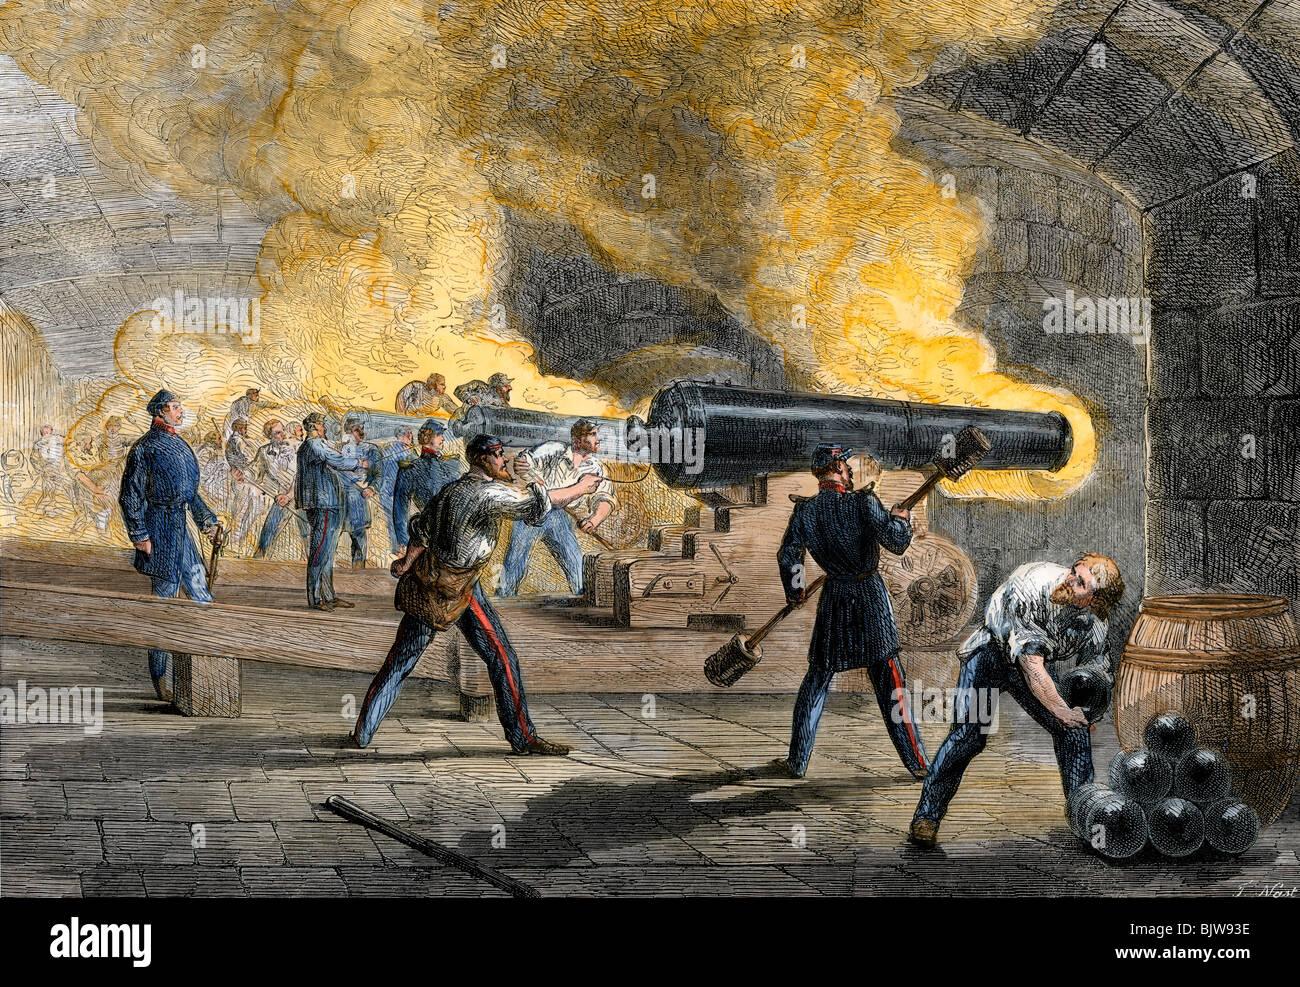 Grandes cañones de Fort Sumter devolver el fuego desde Fort Moultrie en el inicio de la Guerra Civil, 1861 Imagen De Stock